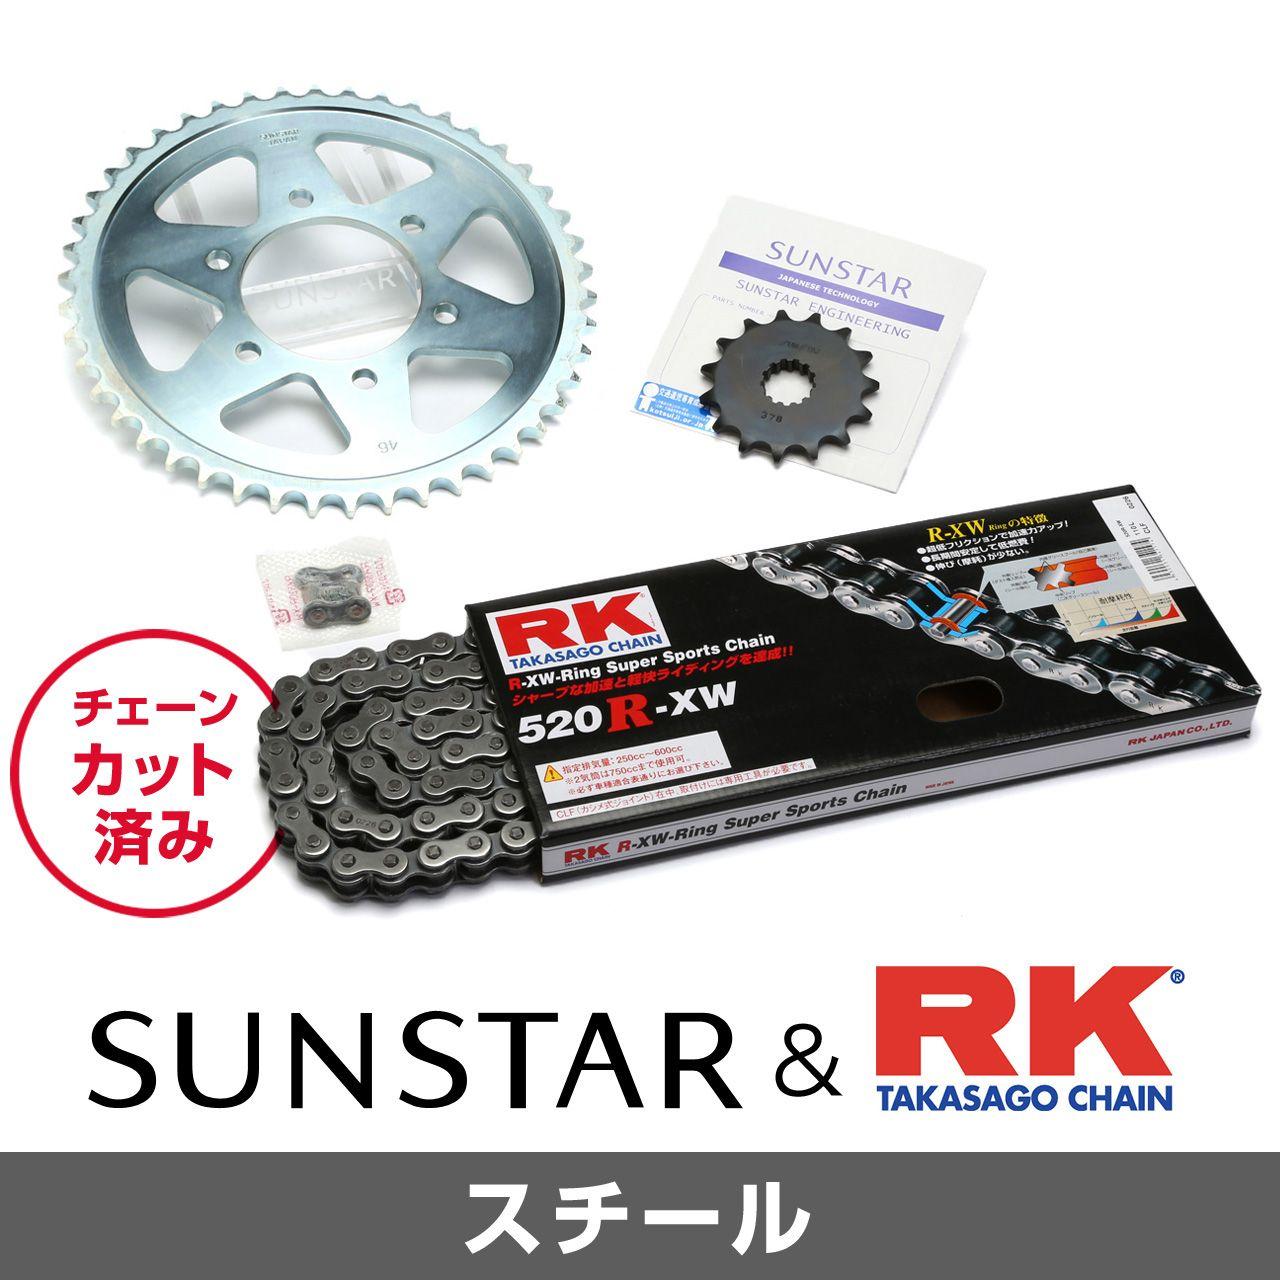 SUNSTAR サンスター:フロント・リアスプロケット&チェーン・カシメジョイントセット